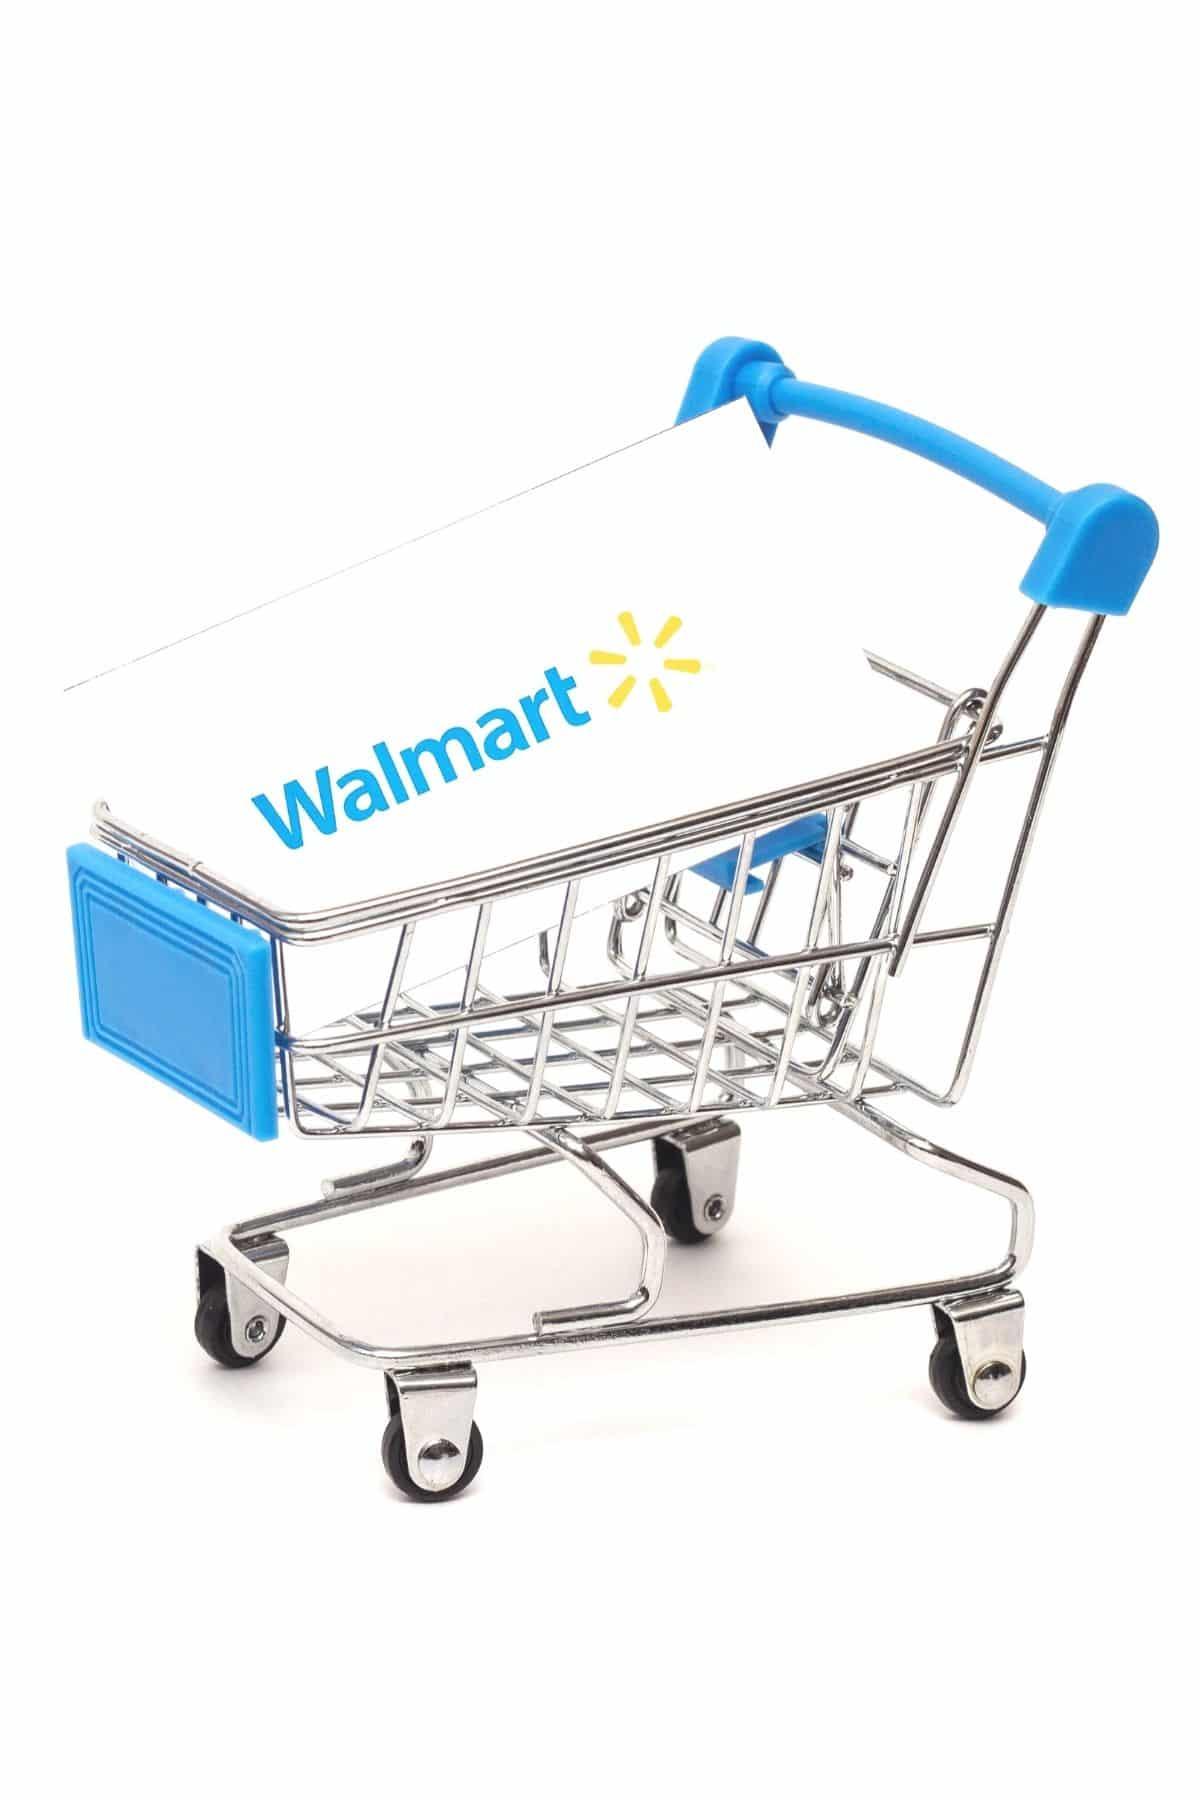 Walmart shopping basket